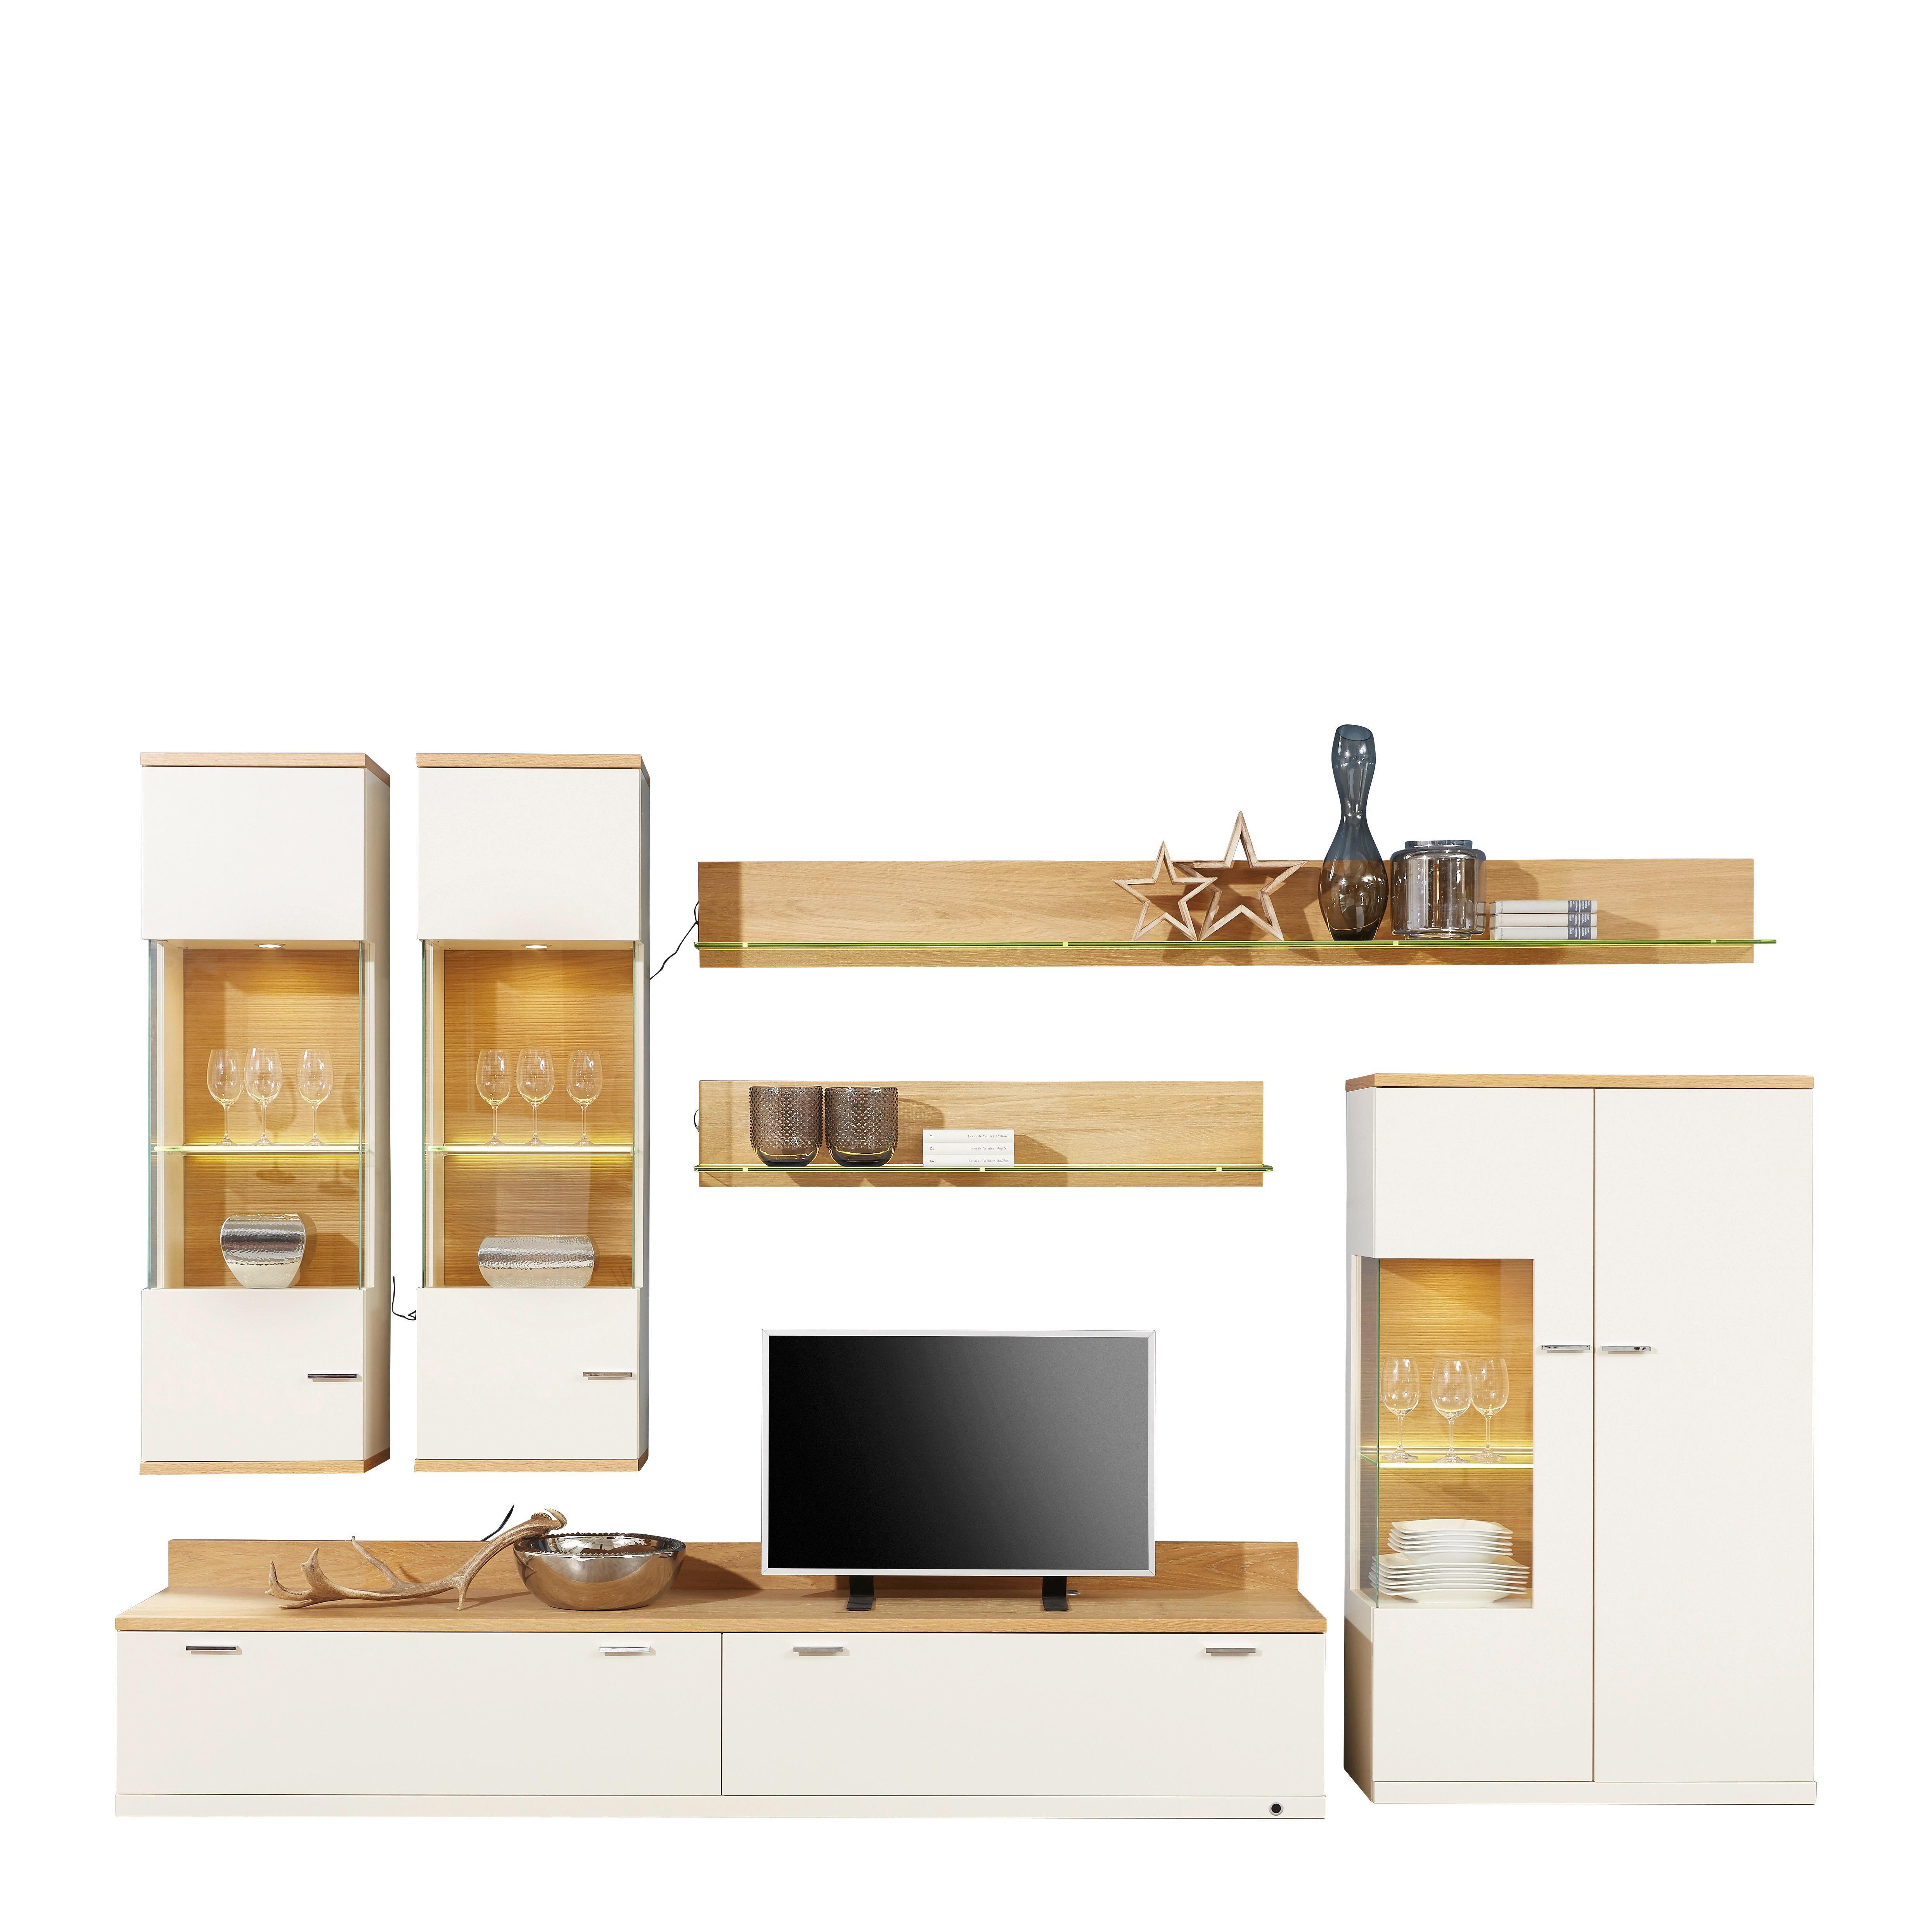 WOHNWAND Eiche Furniert Creme, Eichefarben   Chromfarben/Eichefarben,  Design, Glas/Holz